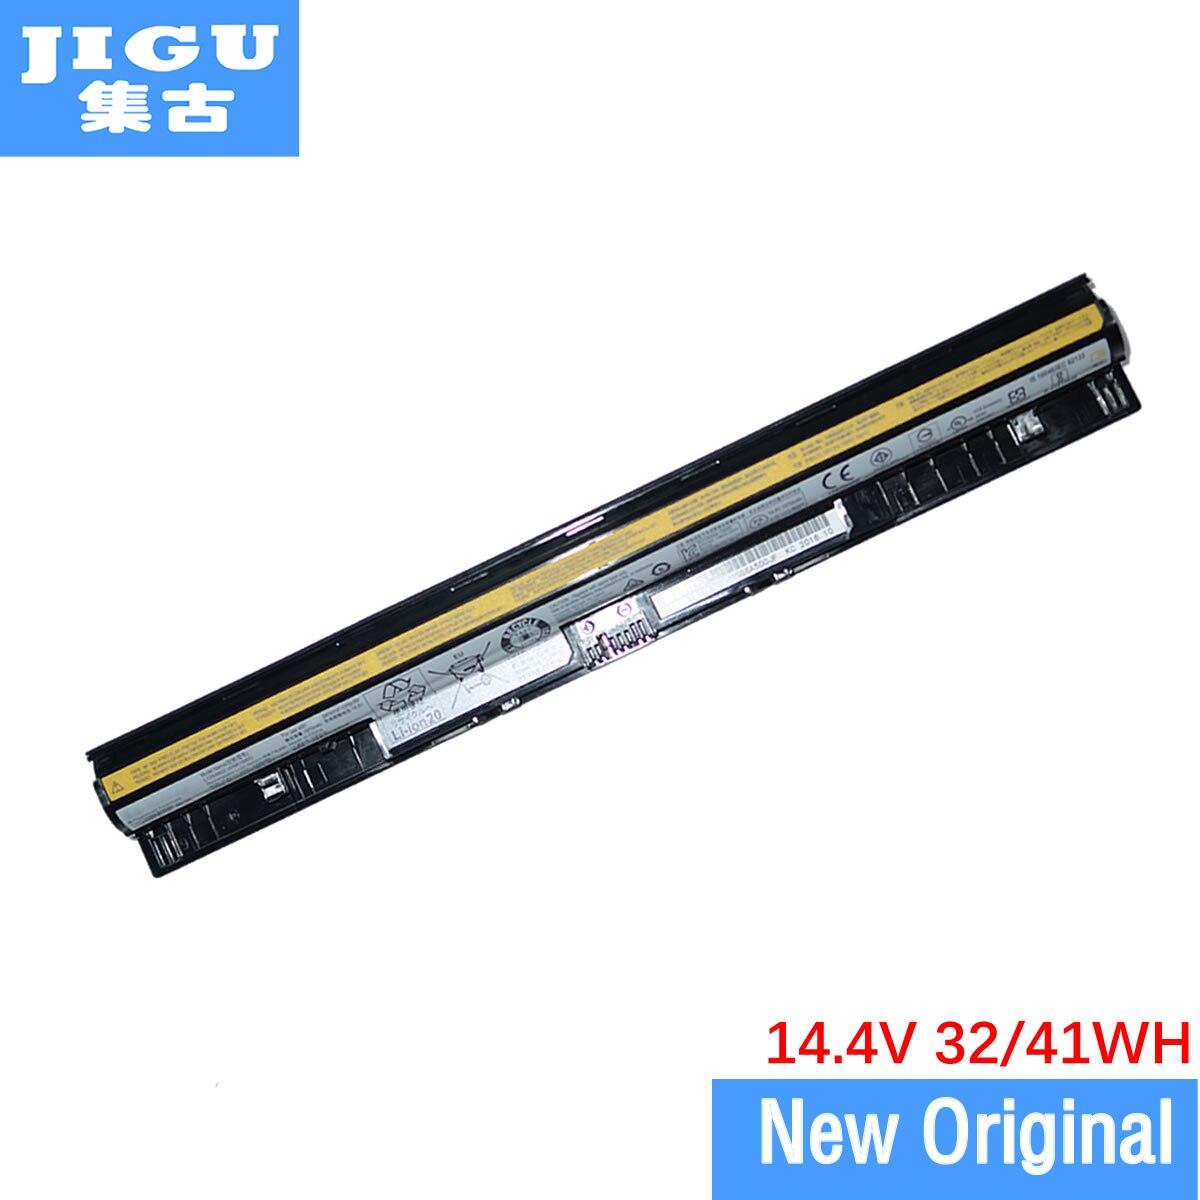 JIGU L12L4A02 L12L4E01 L12M4A02 L12M4E01 L12S4A02 L12S4E01 Original Laptop Battery For LENOVO Ideapad G400 G400S G500 jigu new battery l11l6y01 l11s6y01 for lenovo y480p y580nt g485a g410 y480a y480 y580 g480 g485g z380 y480m